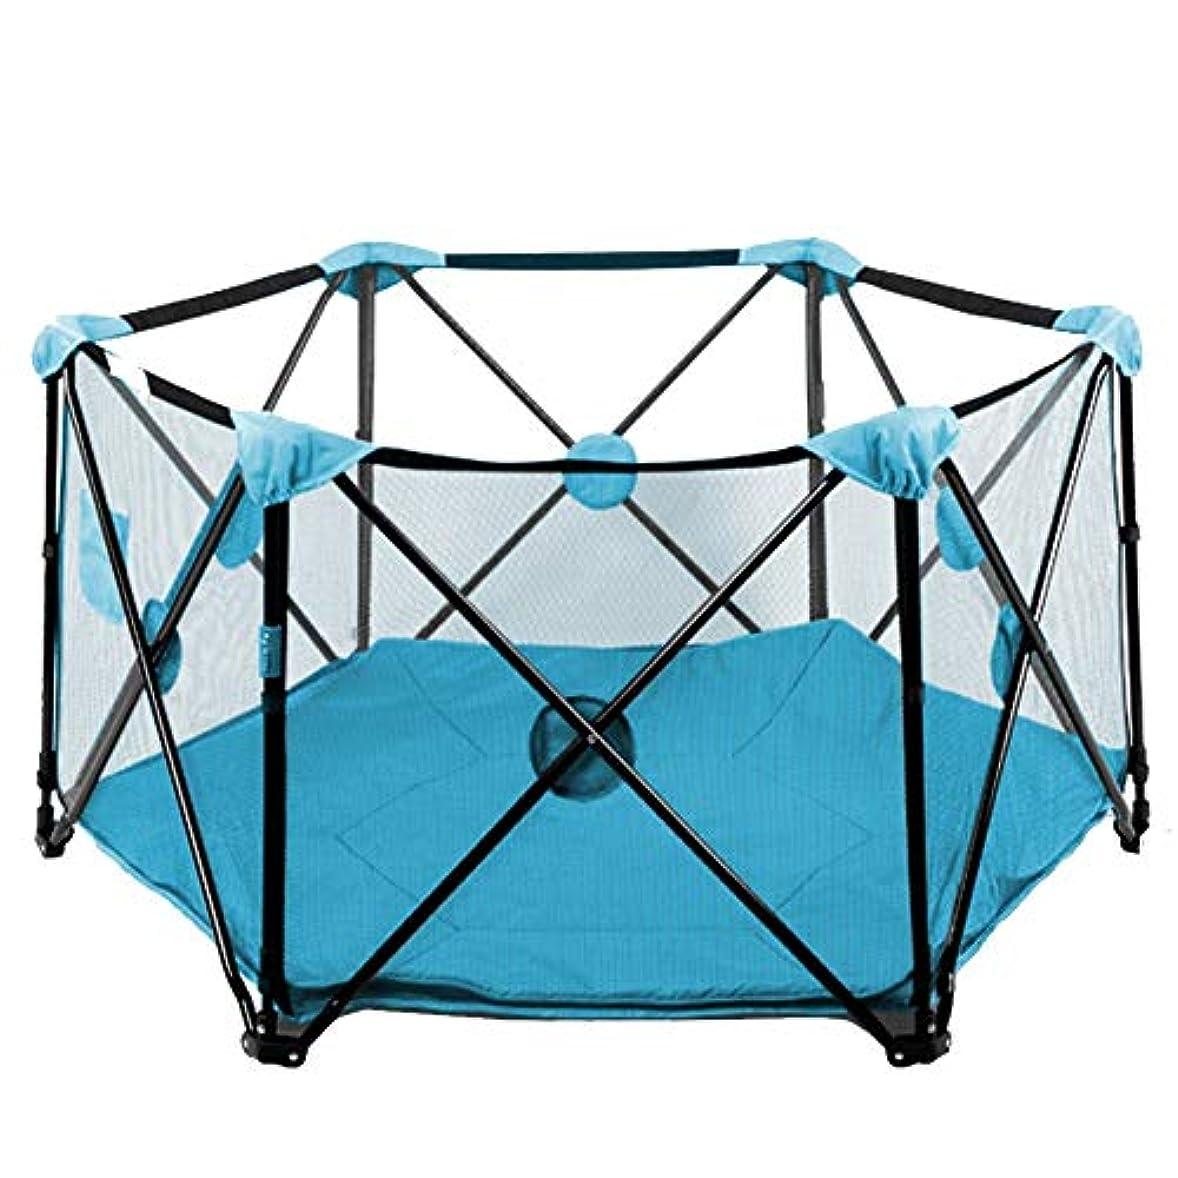 入る頭痛利用可能XJJUN ベビーサークル オーシャンボール おもちゃ 折りたたみ式 フェンス 高まり 安全性 通気性 安定した 旅行かばん 屋内 (Color : Blue, Size : 135x70cm)